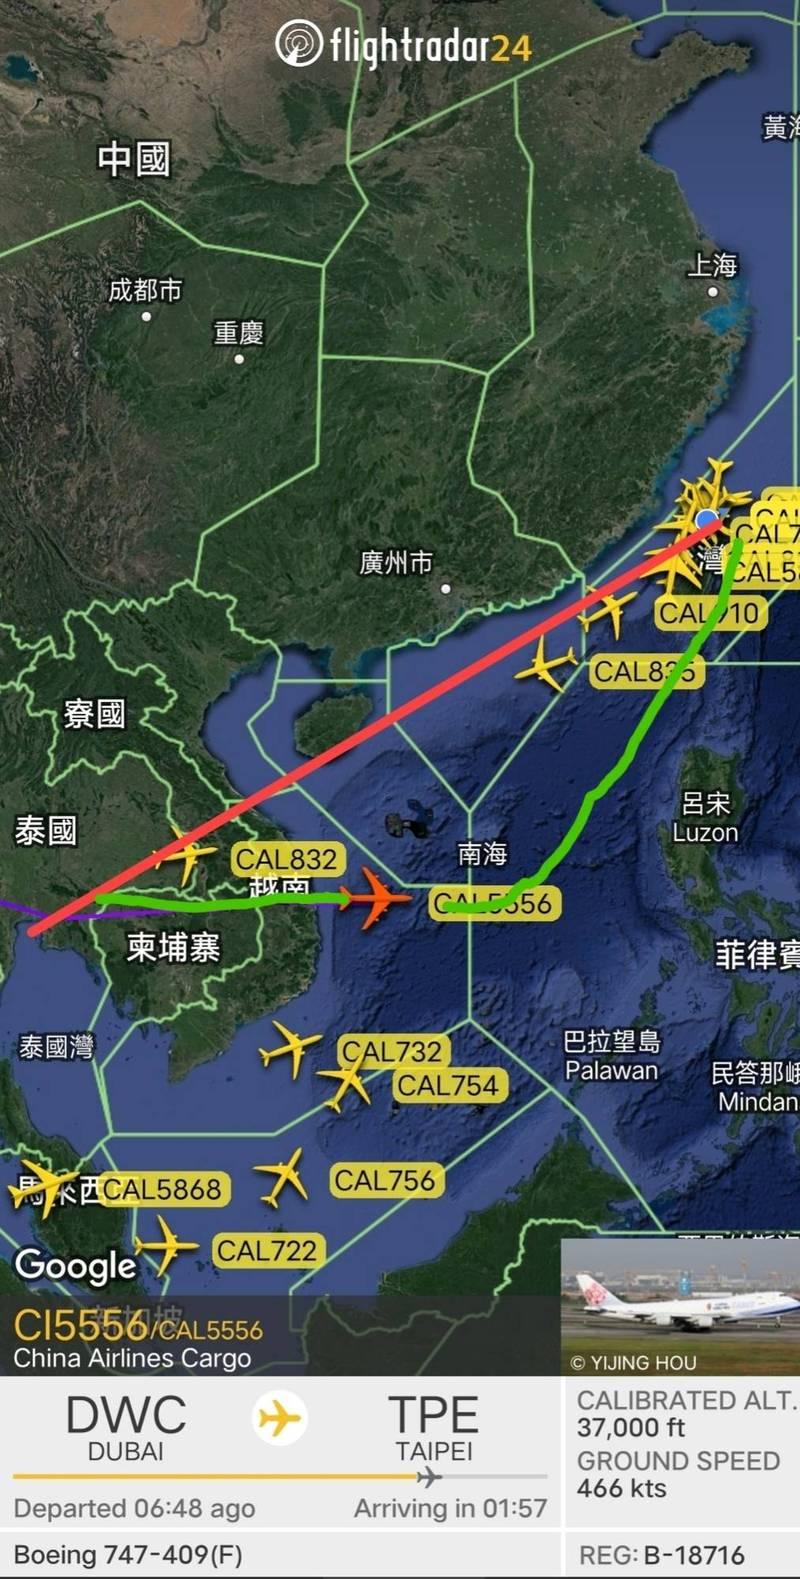 華航第5556次貨機因要避開中國飛航情報區,今天自杜拜起飛前申請飛行計劃。(翻攝自FlightRadar)